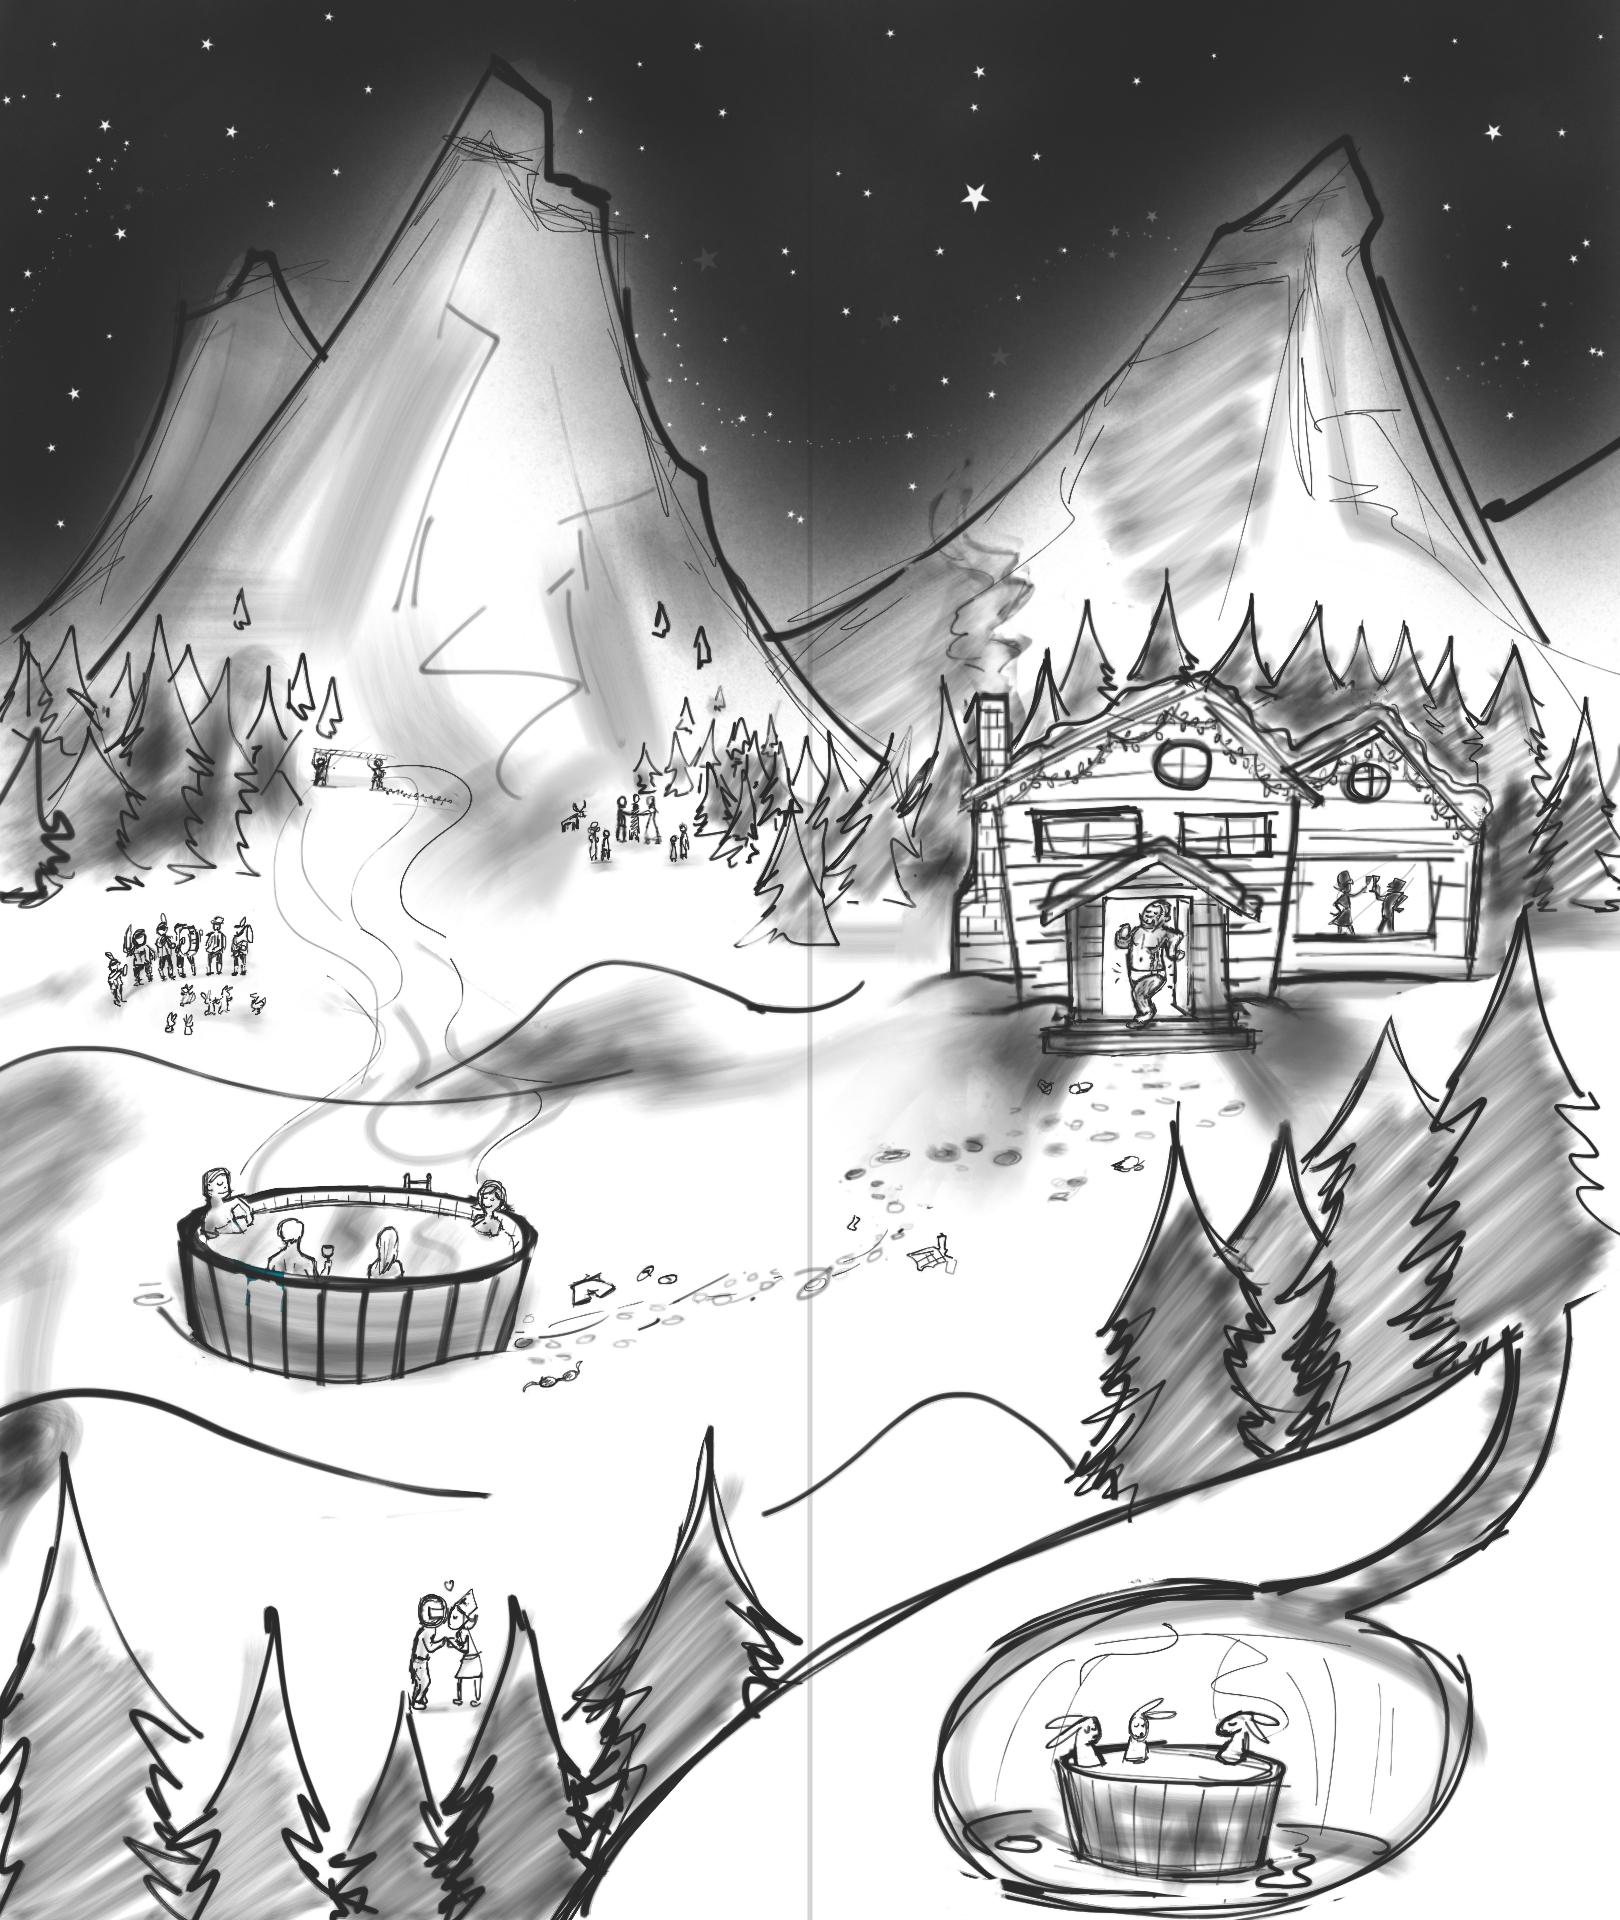 091415_WinterStories_04_HotTub_V02.jpg